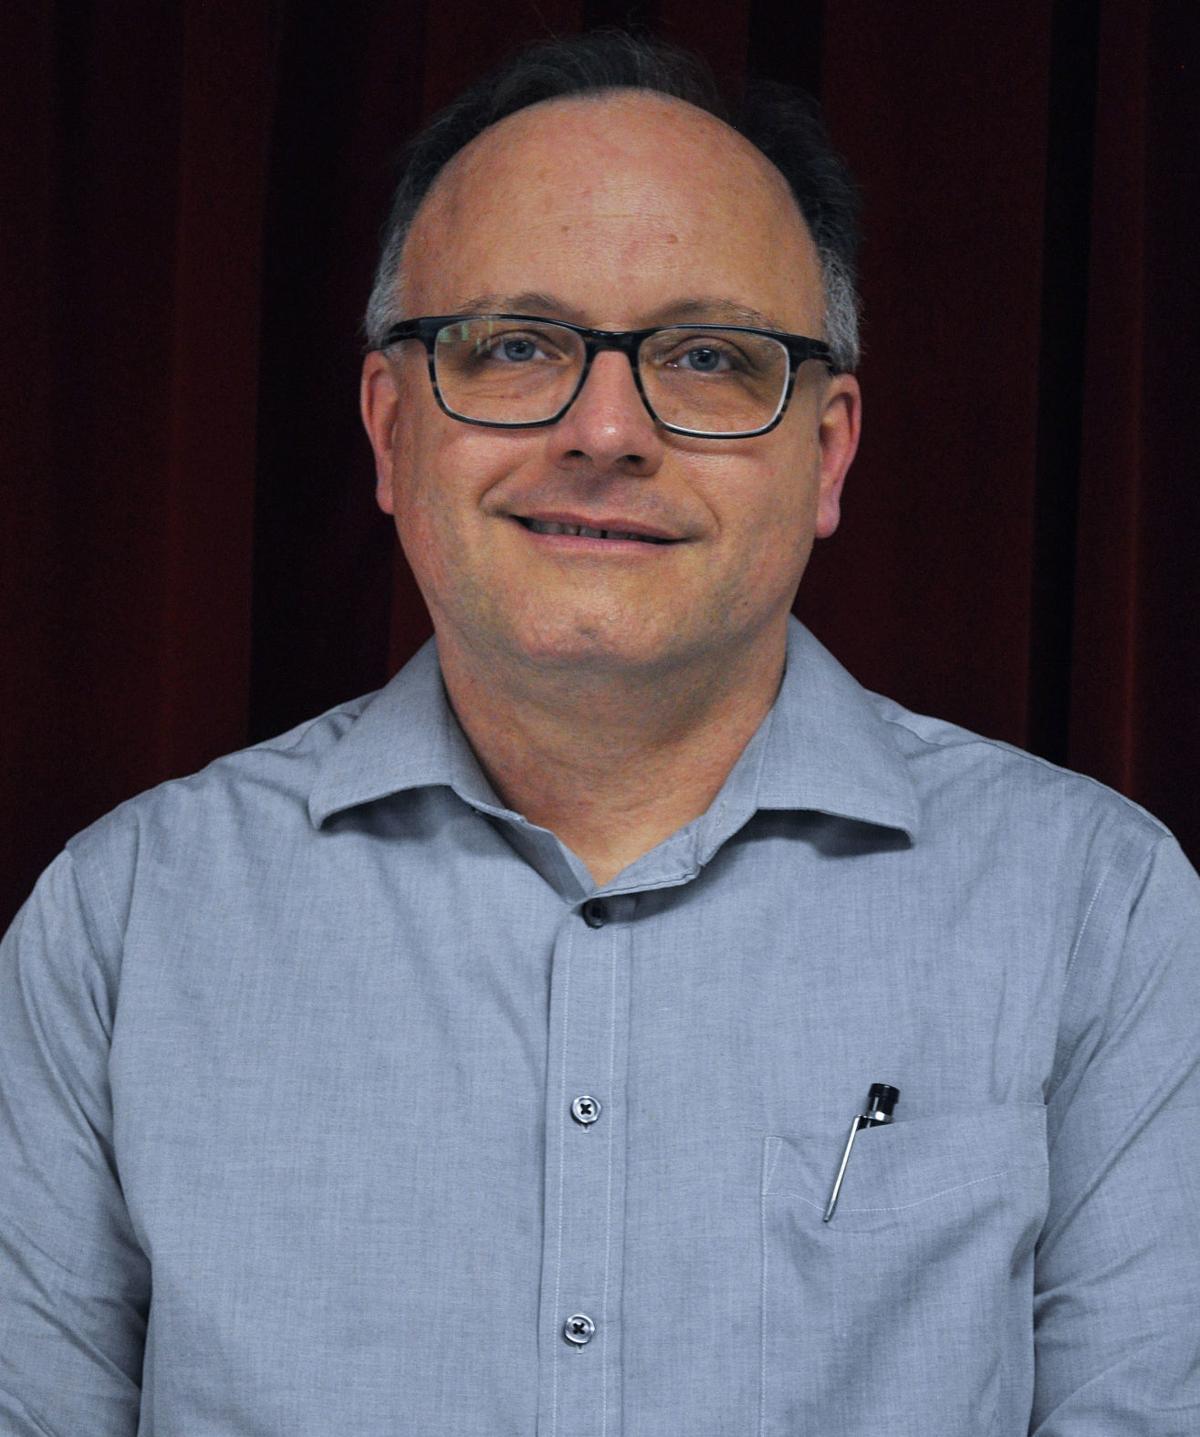 Brent Klein